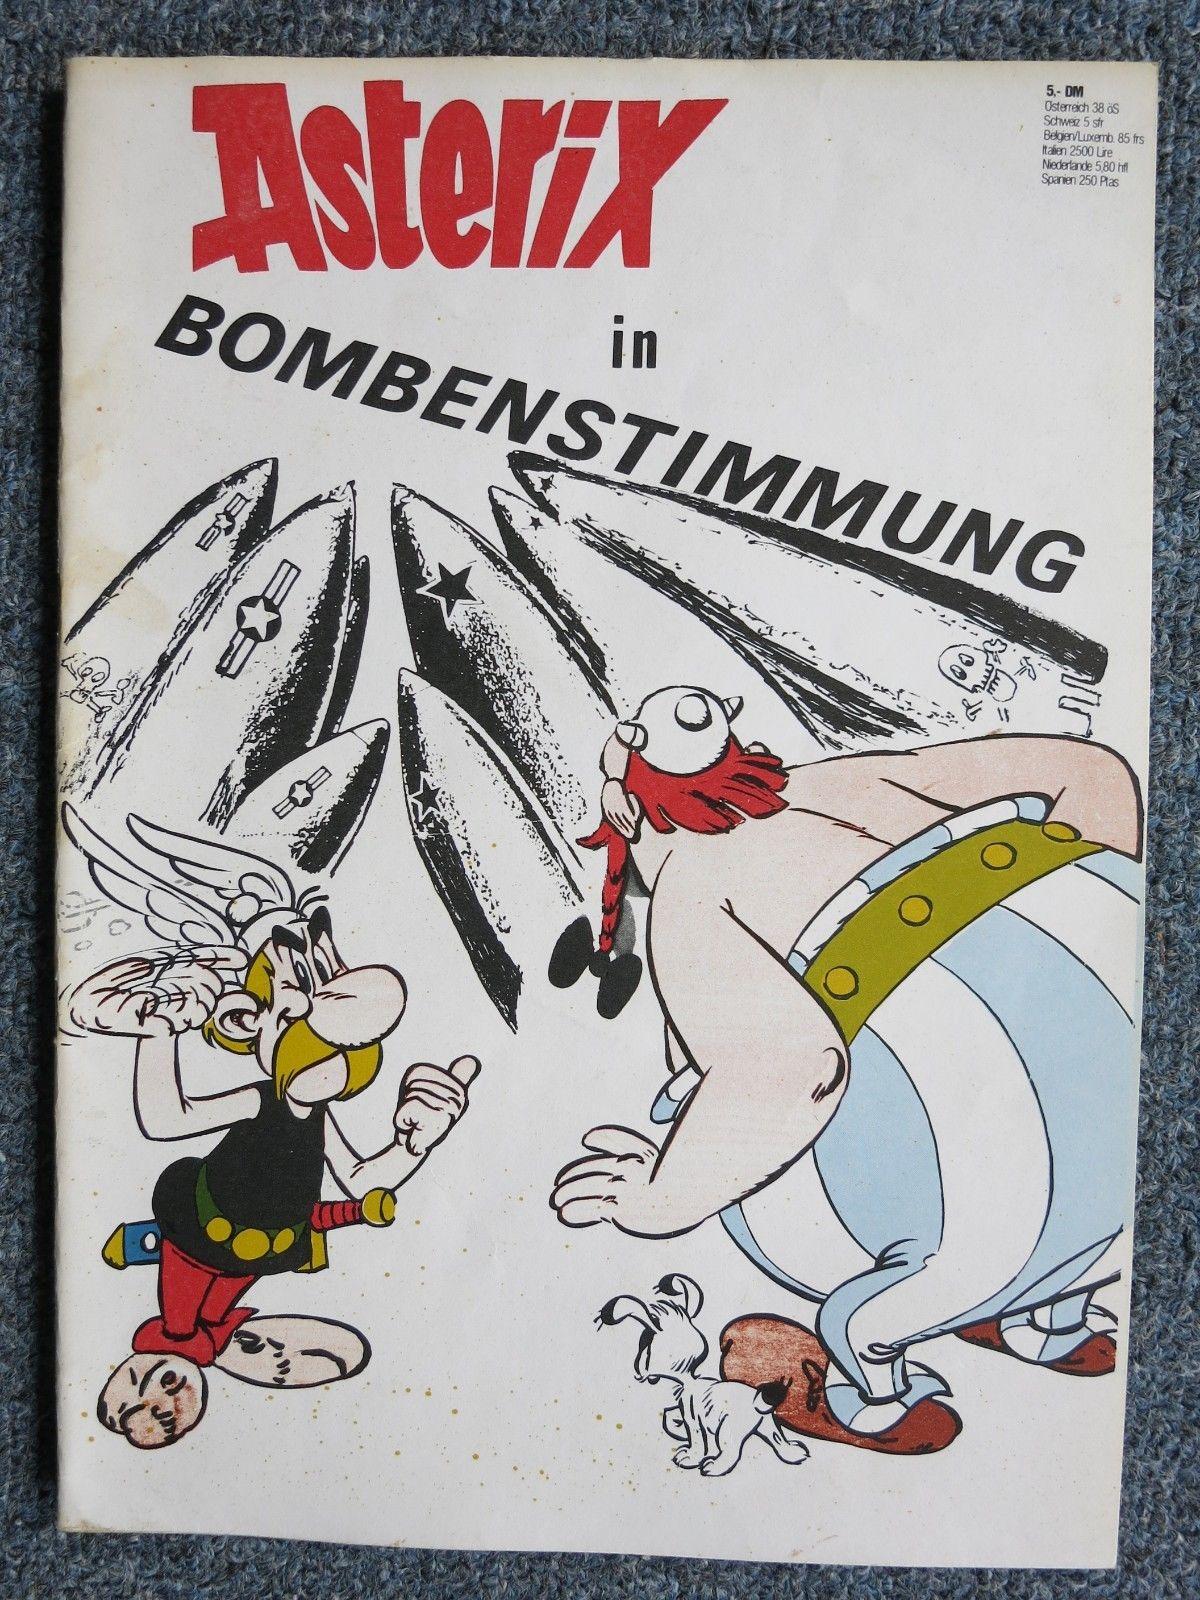 ASTERIX in BOMBENSTIMMUNG. Quelle: https://www.picclickimg.com/d/w1600/pict/283158458469_/ASTERIX-in-BOMBENSTIMMUNG-alternativ-comic.jpg